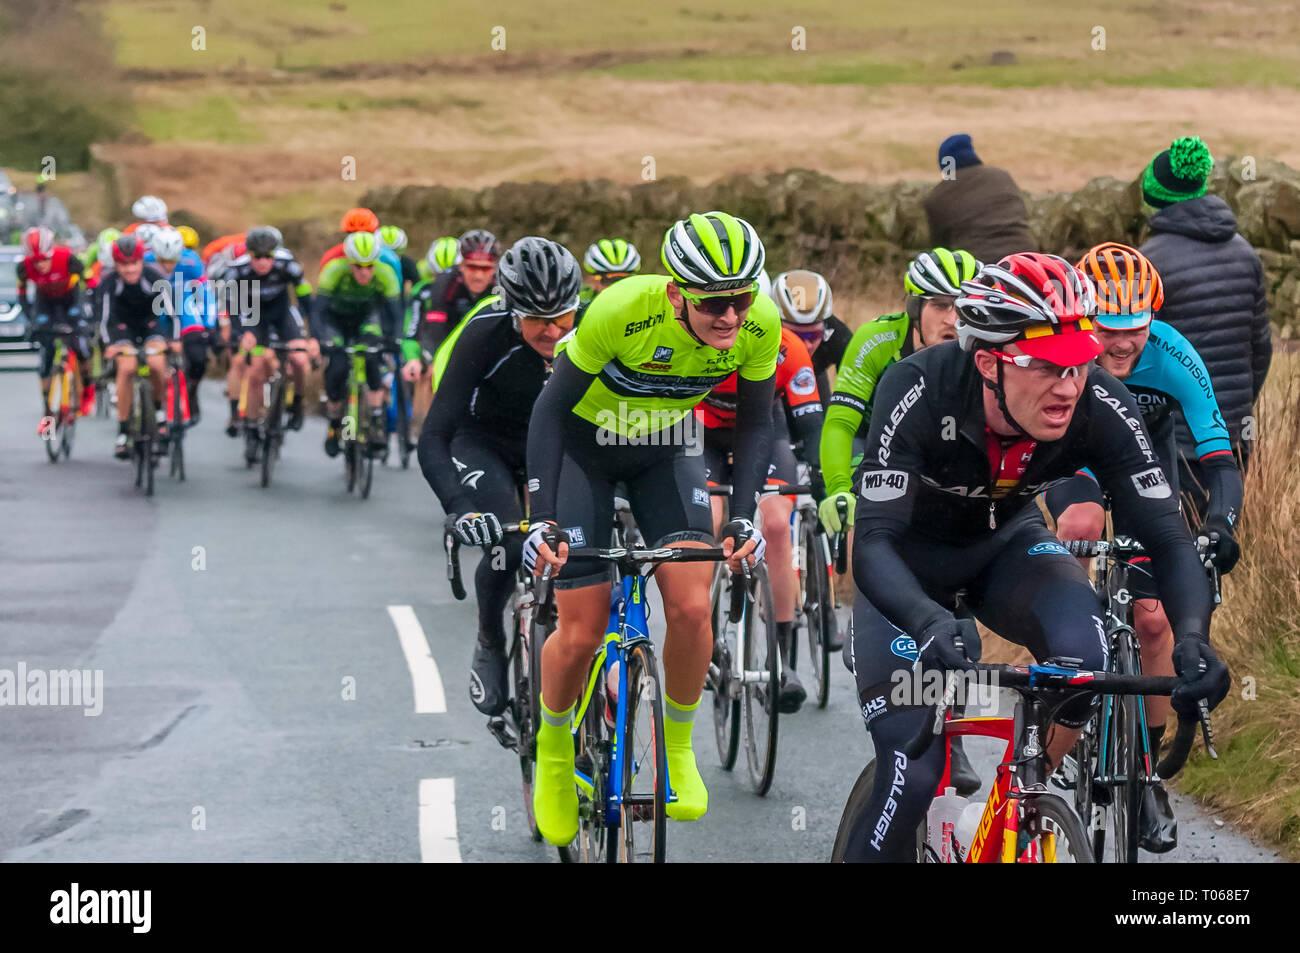 Chorley Cycle Grand Prix 2016 at Rivington. - Stock Image